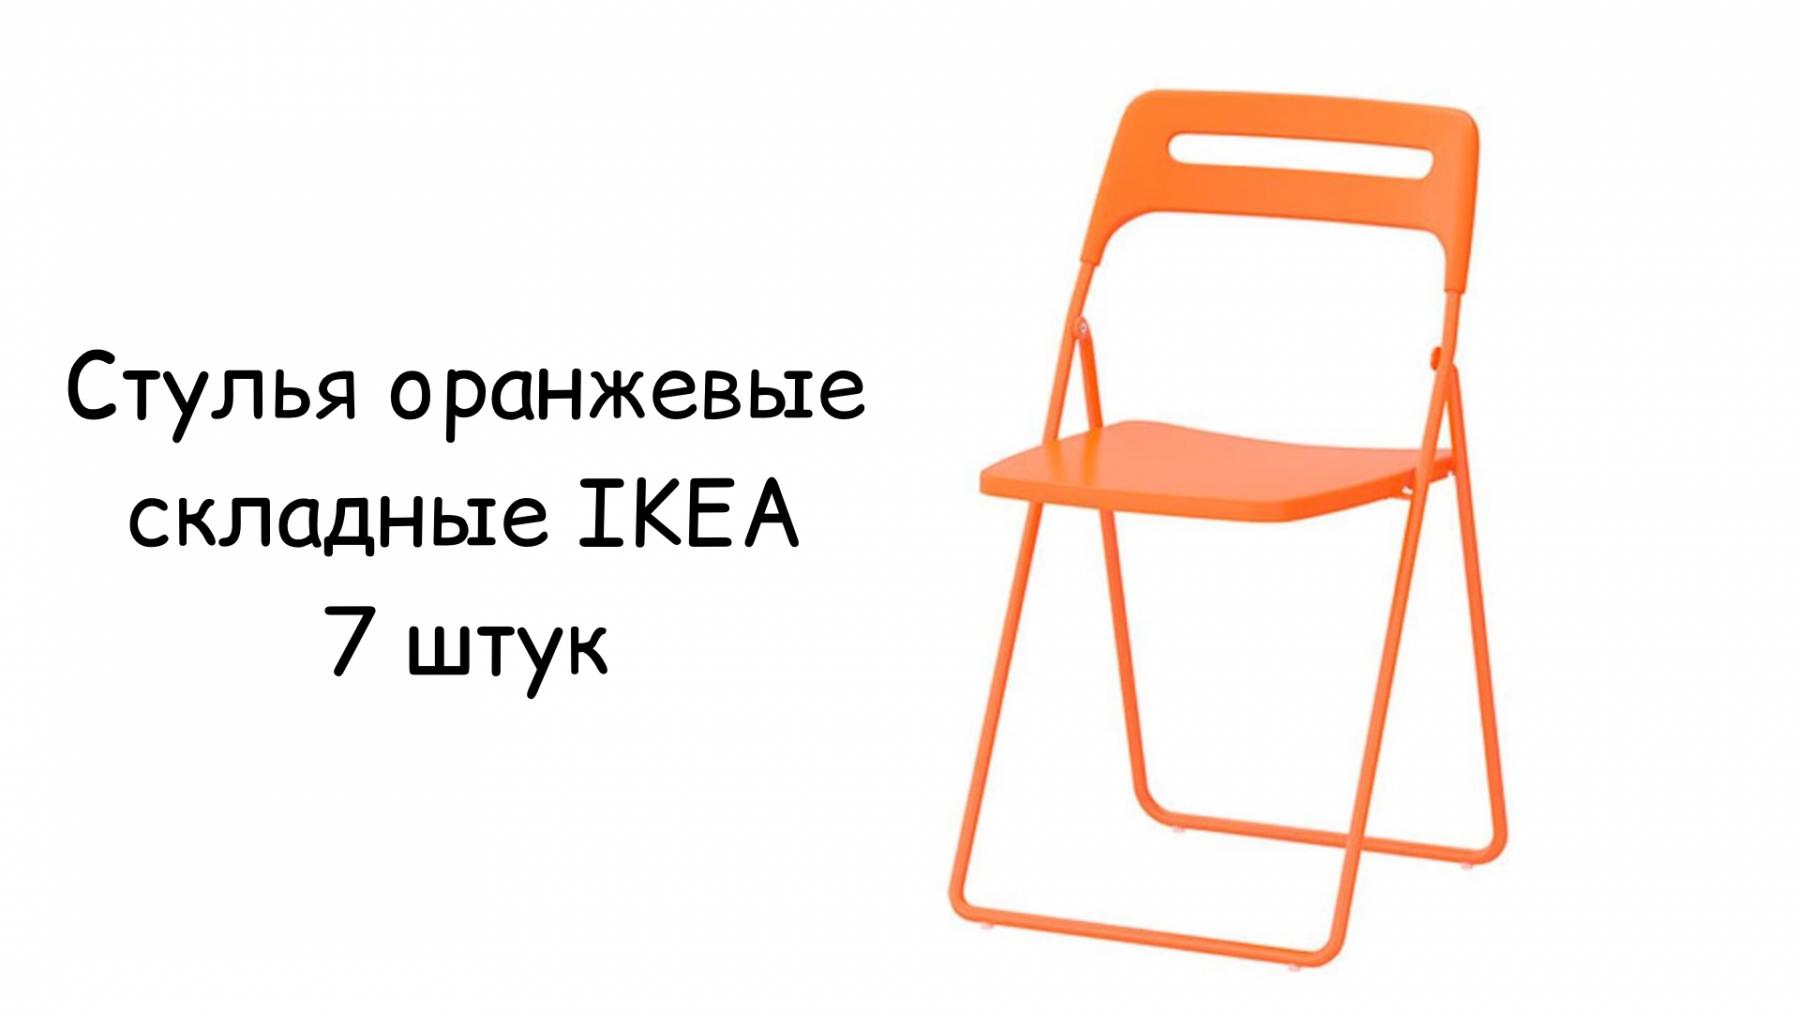 image14